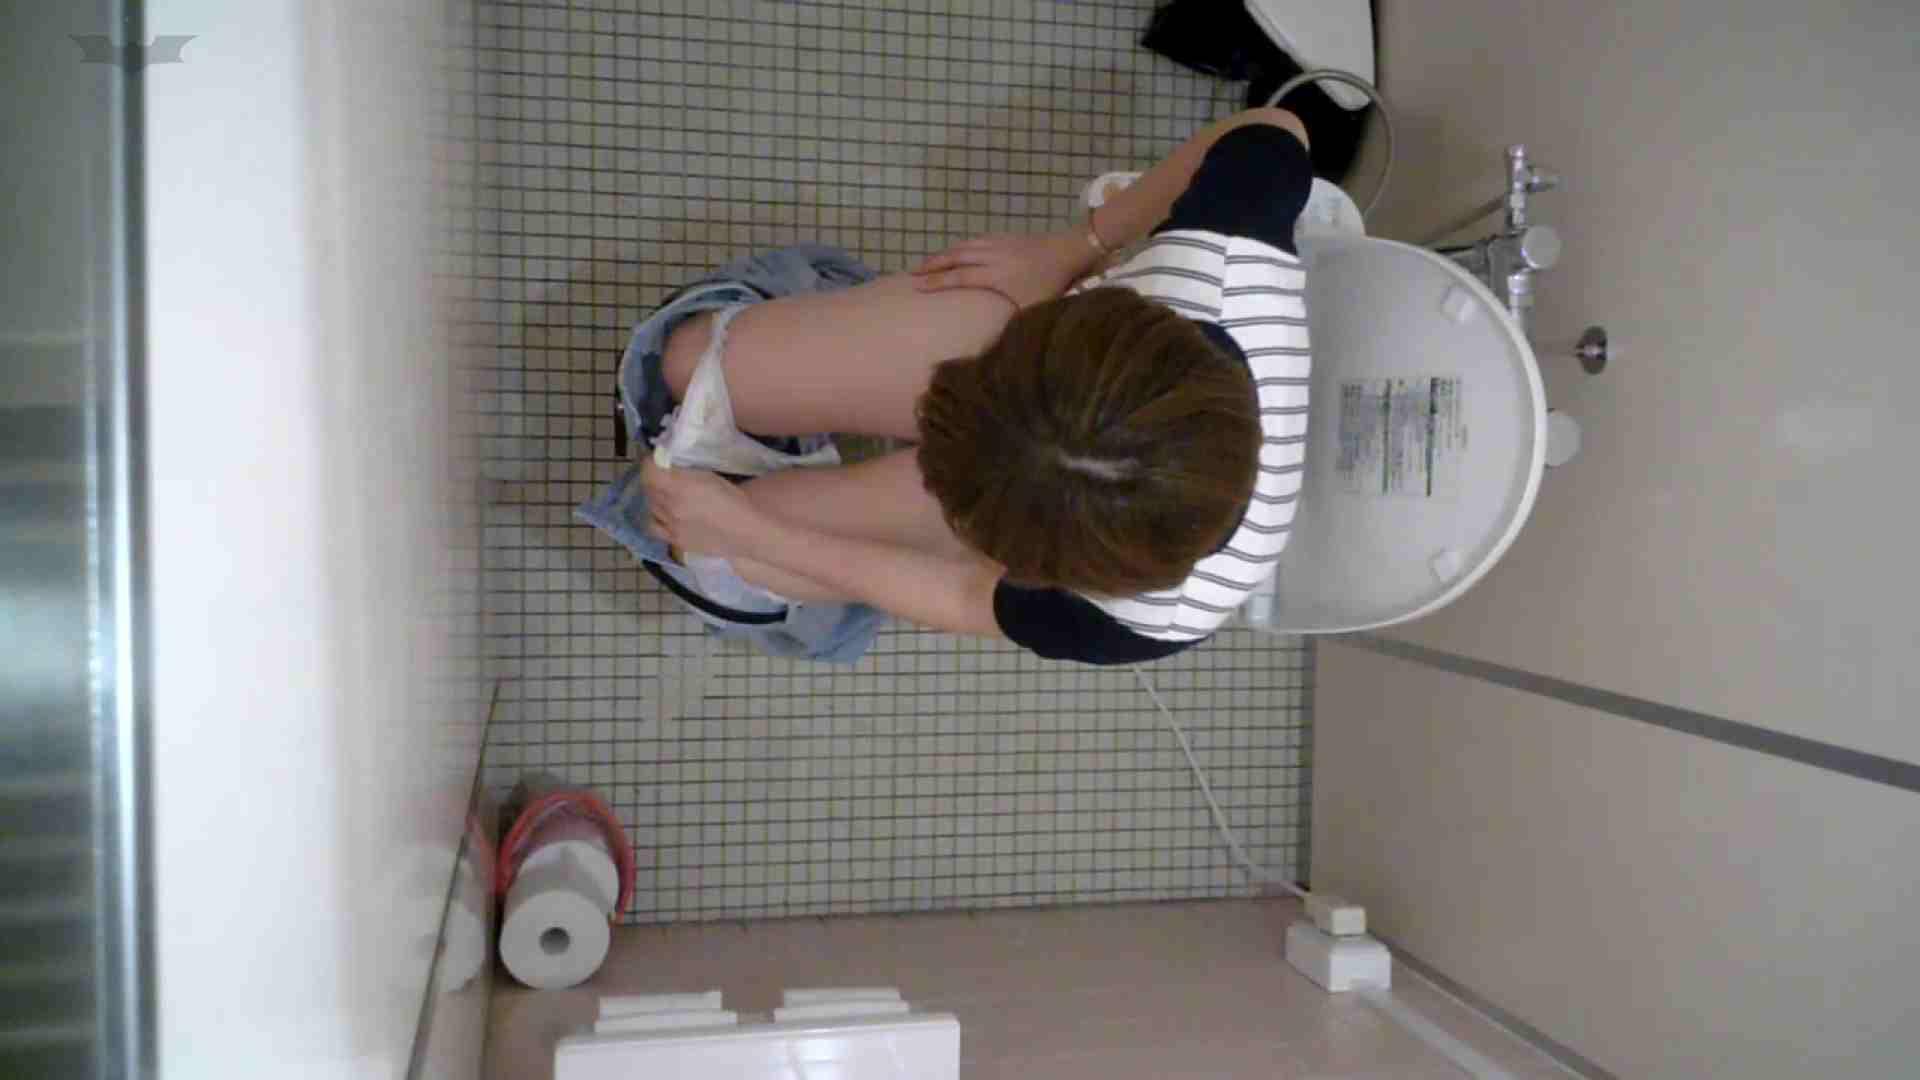 有名大学女性洗面所 vol.48 おっ、脱いじゃう感じだっ!!しかも粒ぞろい HなOL おまんこ動画流出 106pic 2